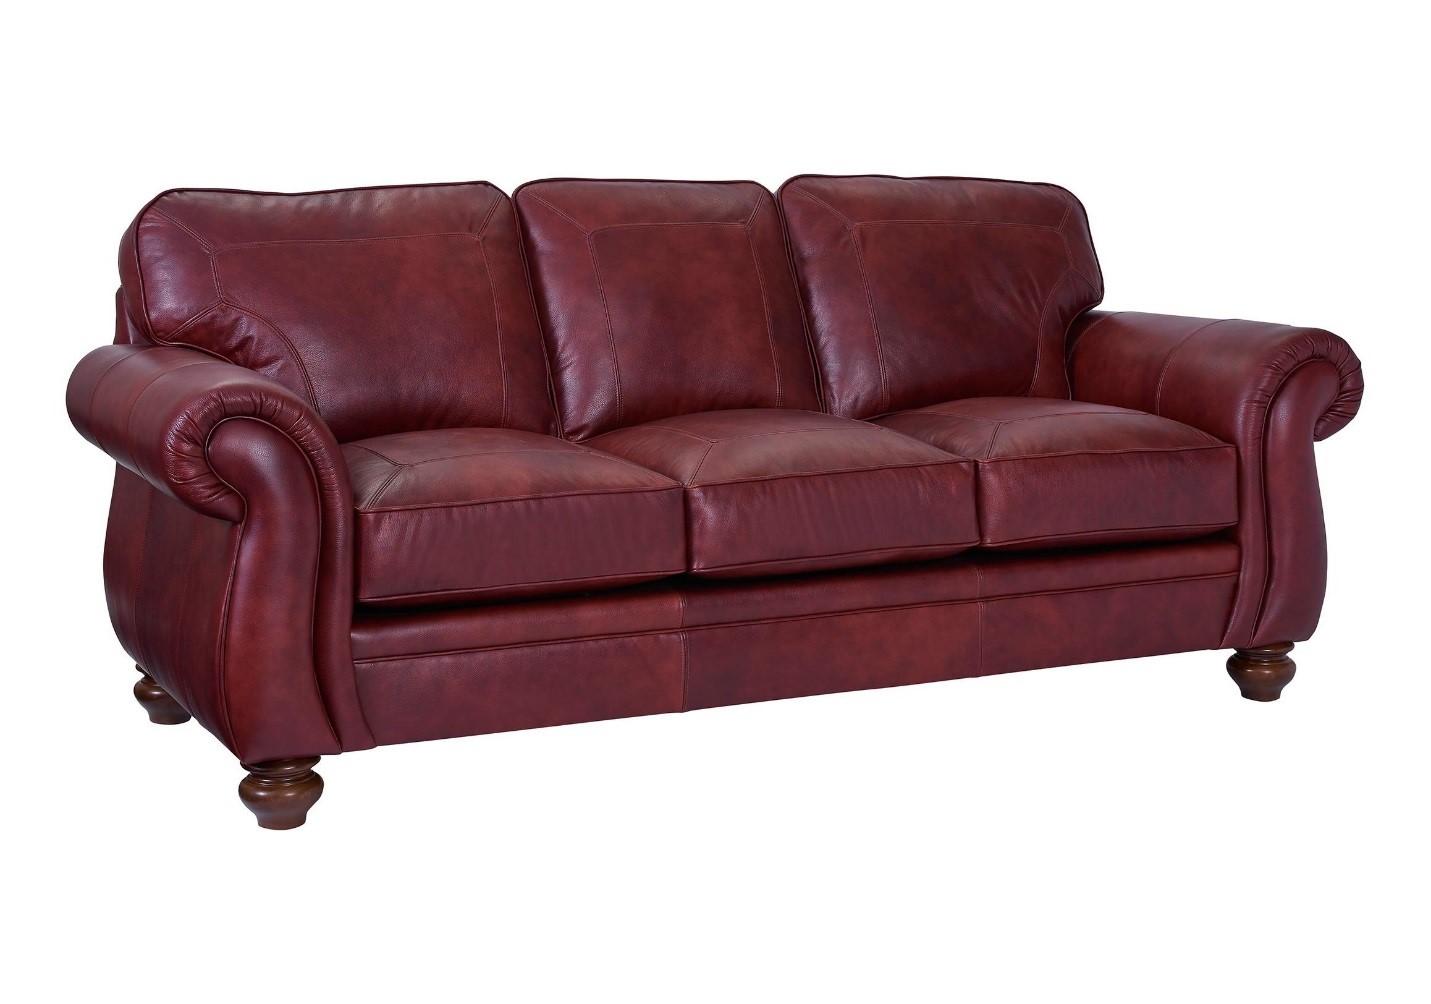 Broyhill Sleeper Sofa Baers Furniture